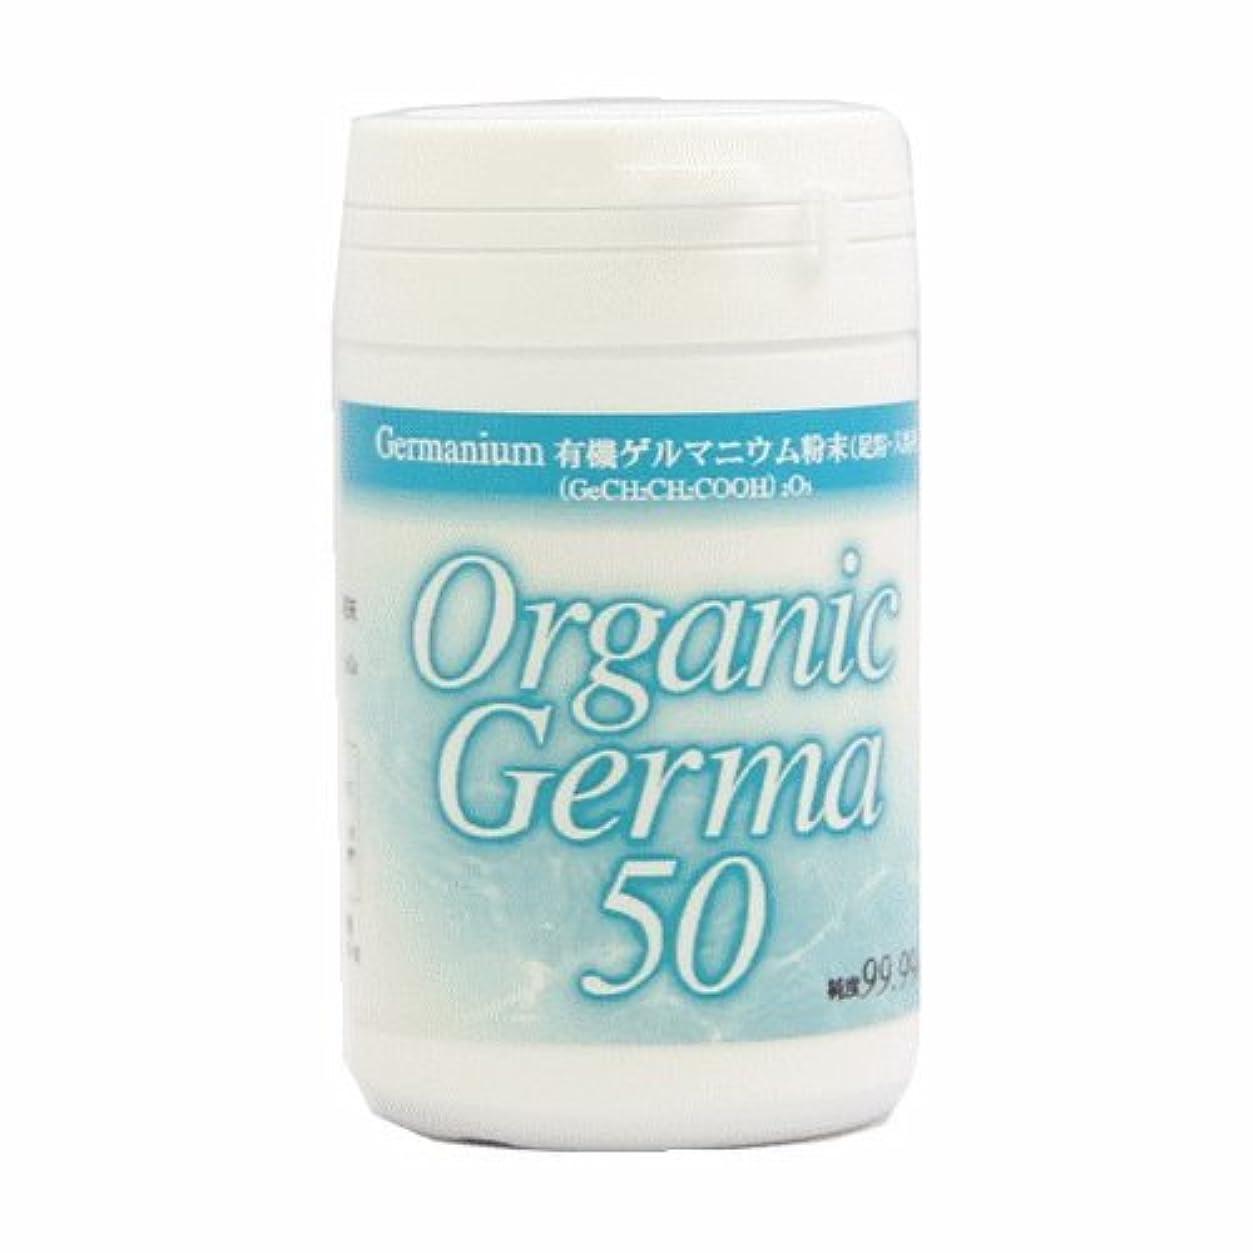 製造ギネス復活【有機 ゲルマニウム 粉末 50g (Ge-132) 99.99% 温浴用】 ゲルマ パウダー